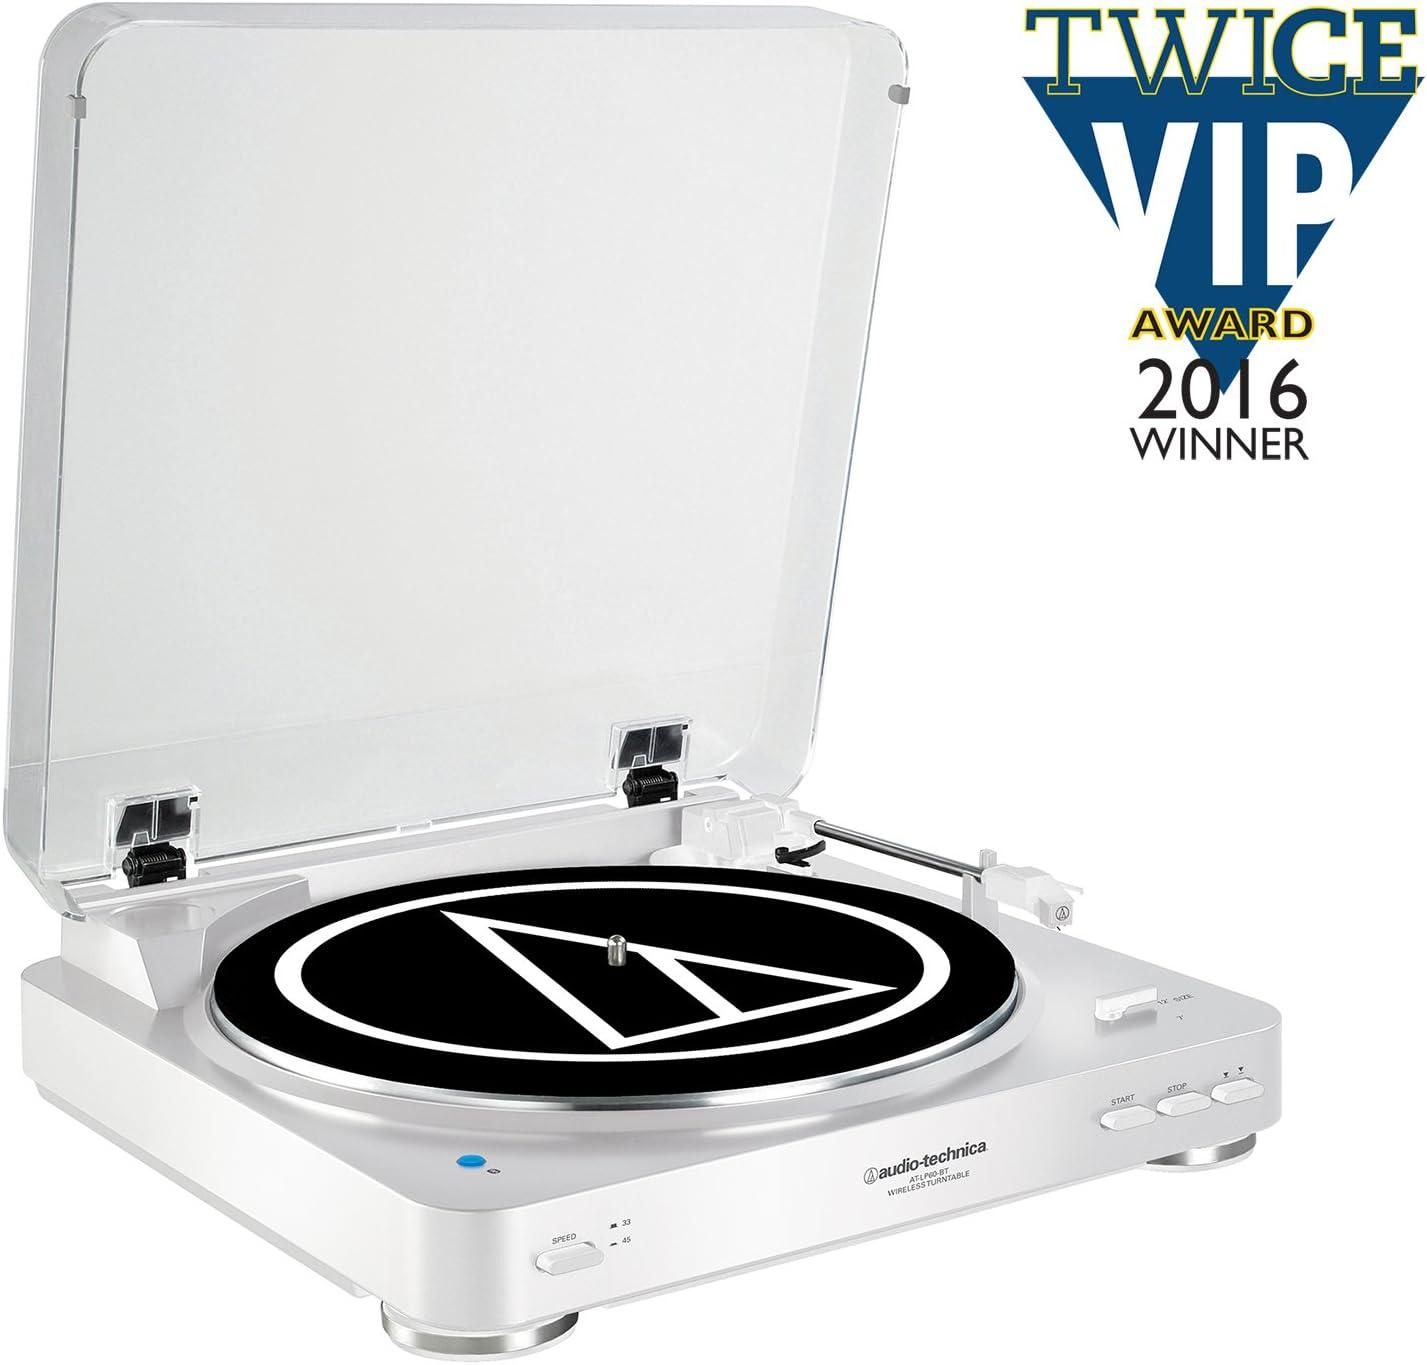 Audio Technica AT-LP60BTWH Color Blanco - Tocadiscos: Amazon.es ...